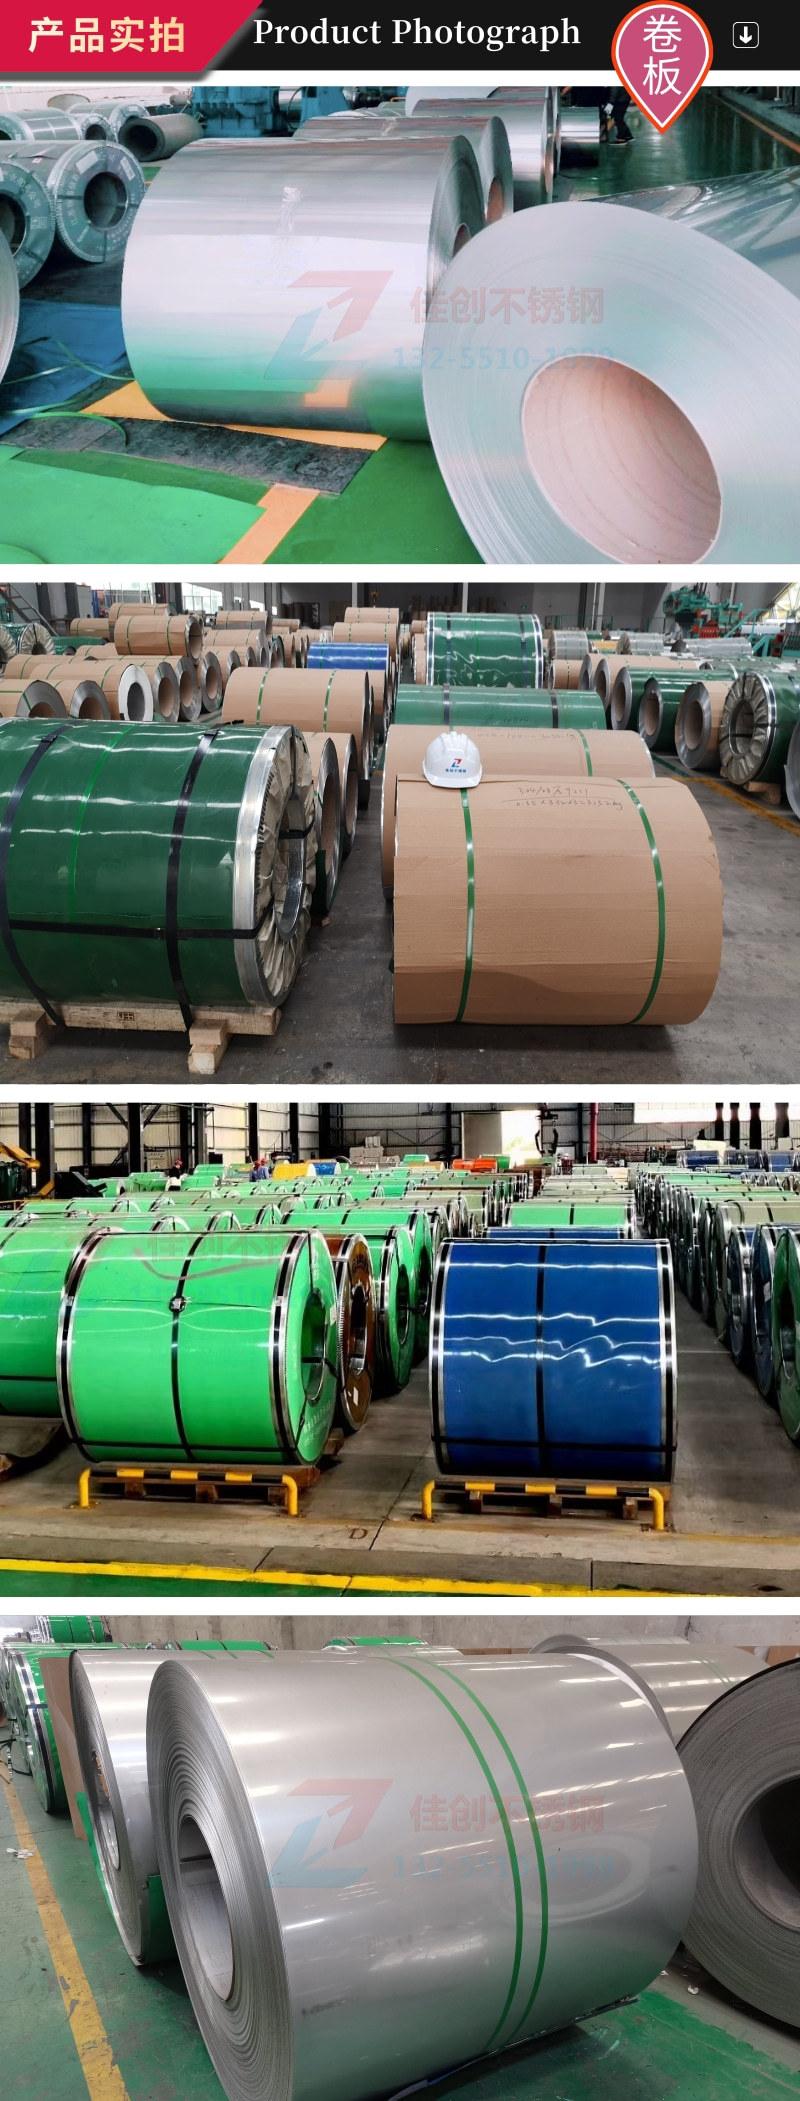 今日東特316L不銹鋼板價格漲200 無錫不銹鋼板316L價格表示例圖24